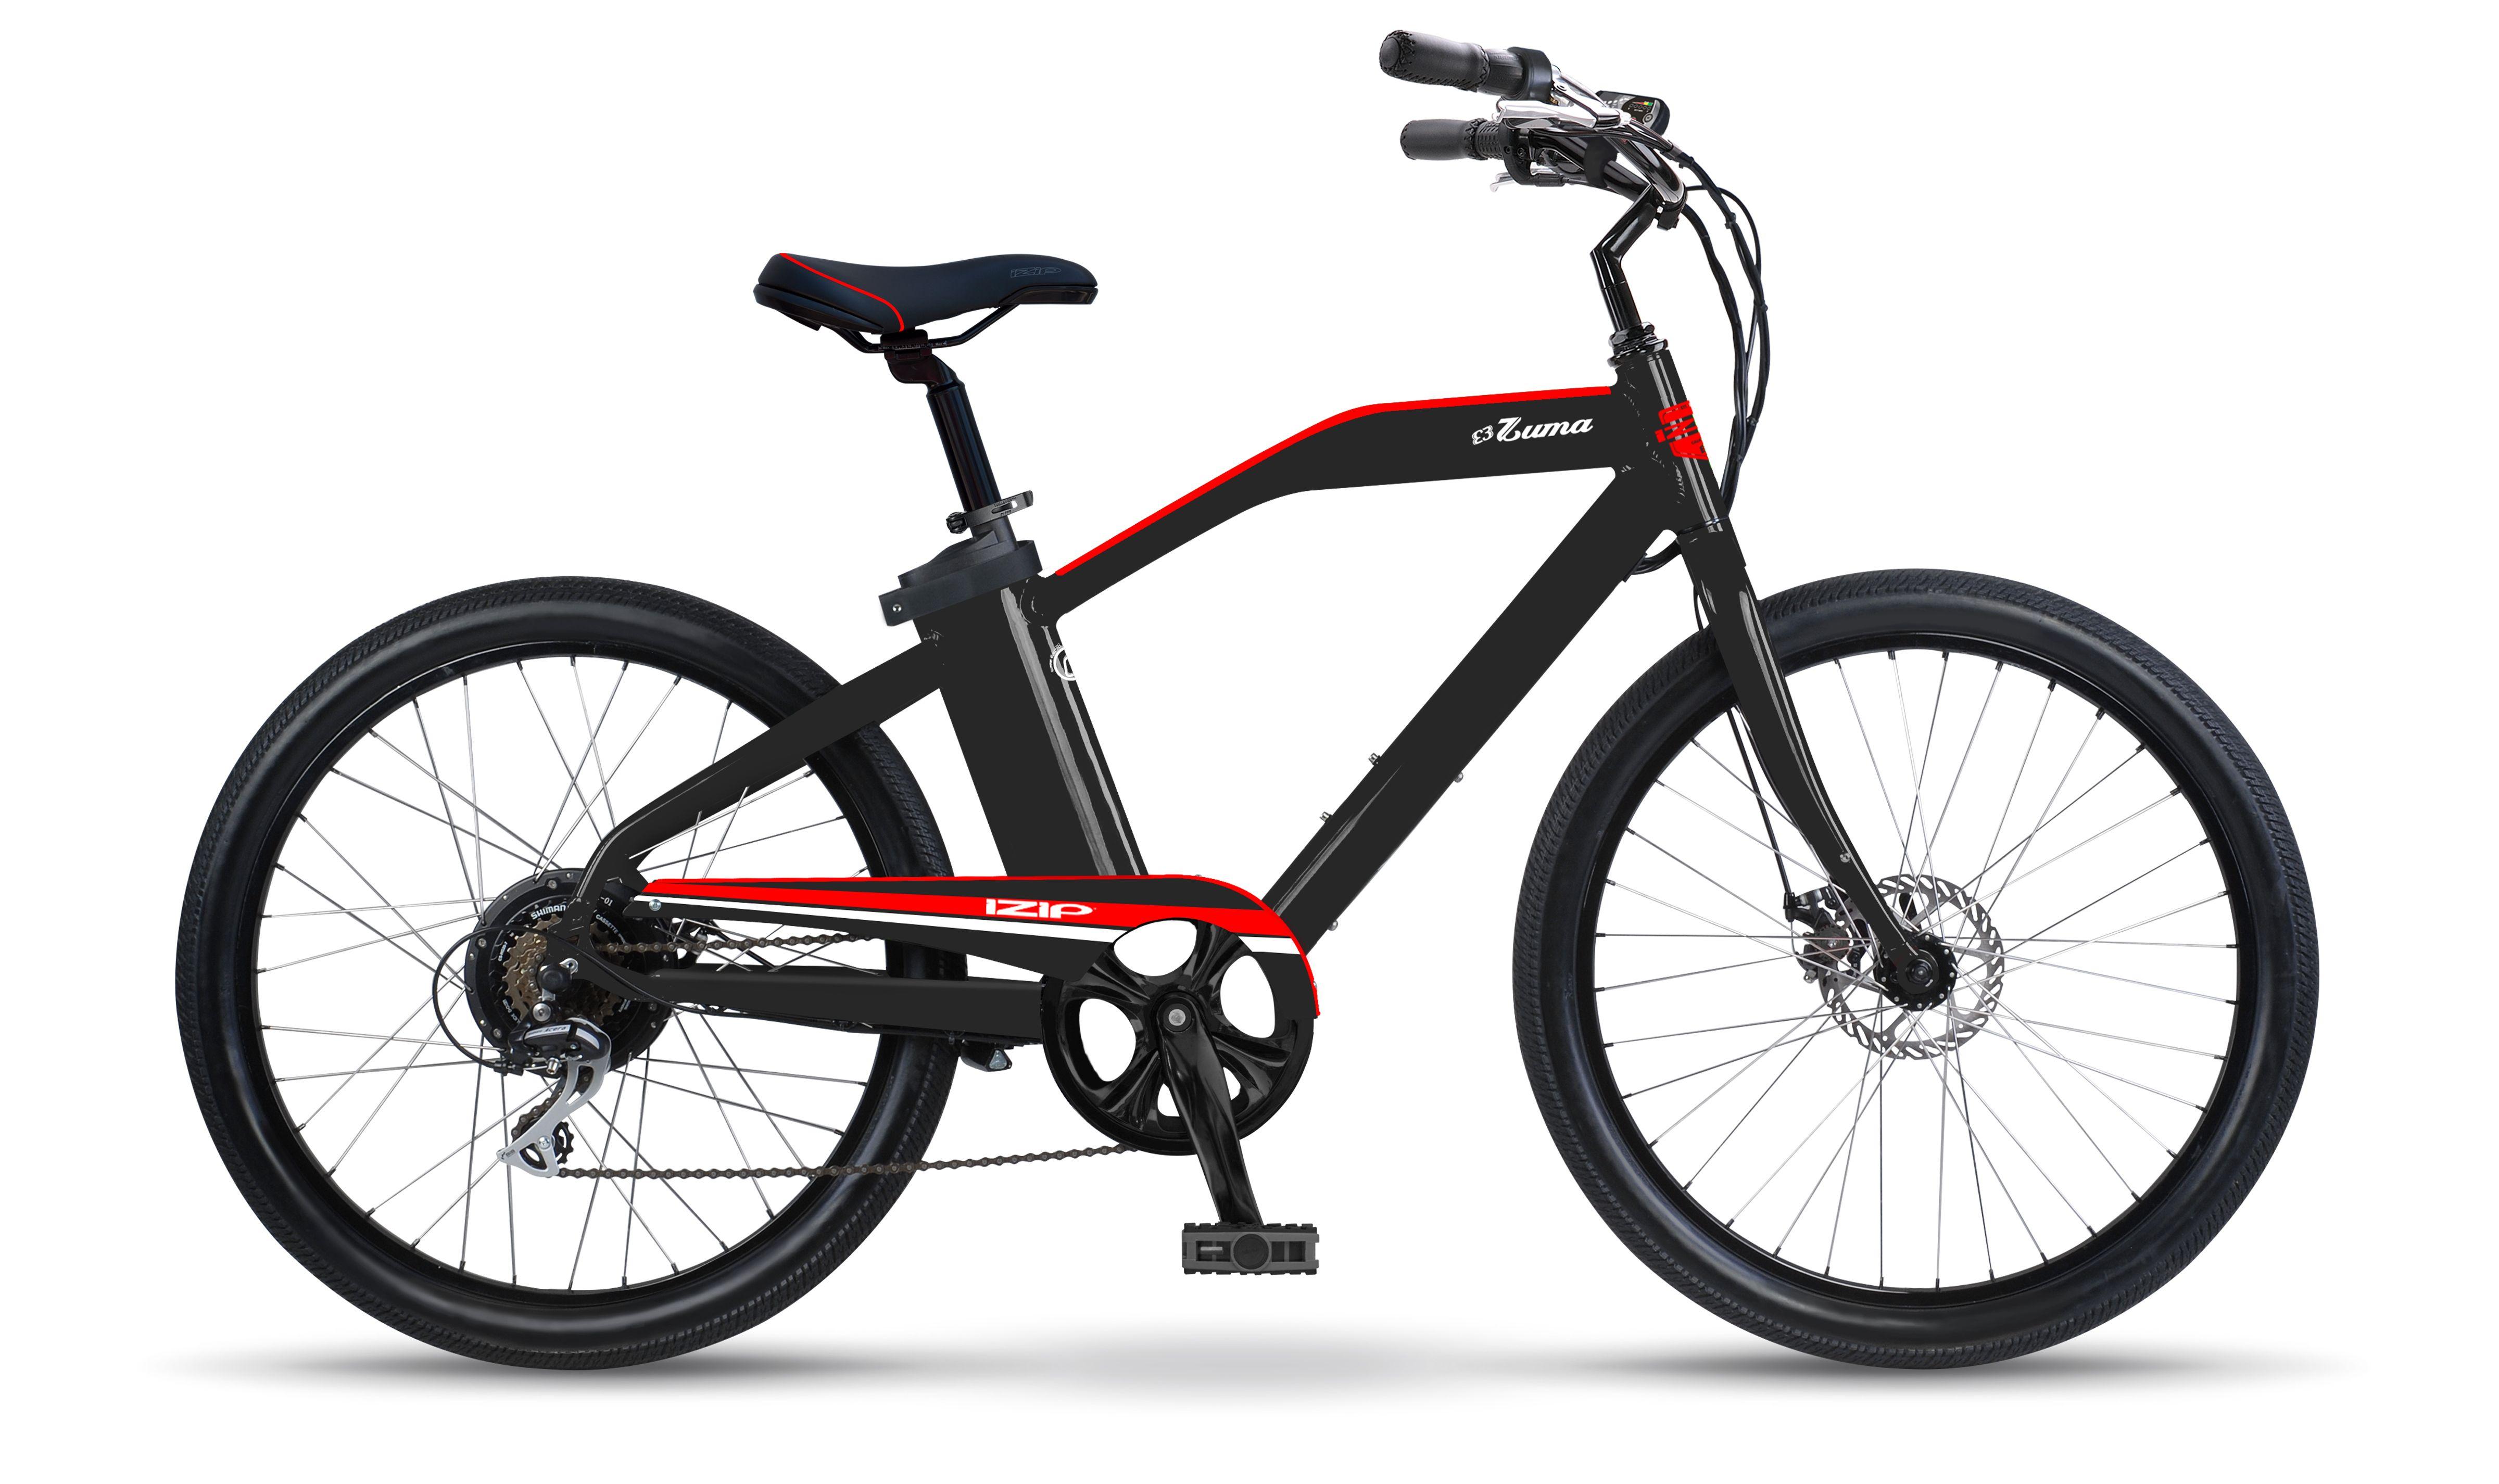 Izip E3 Zuma Cruiser Ebike Electric Bike Bicycles Electric Bike Bicycle